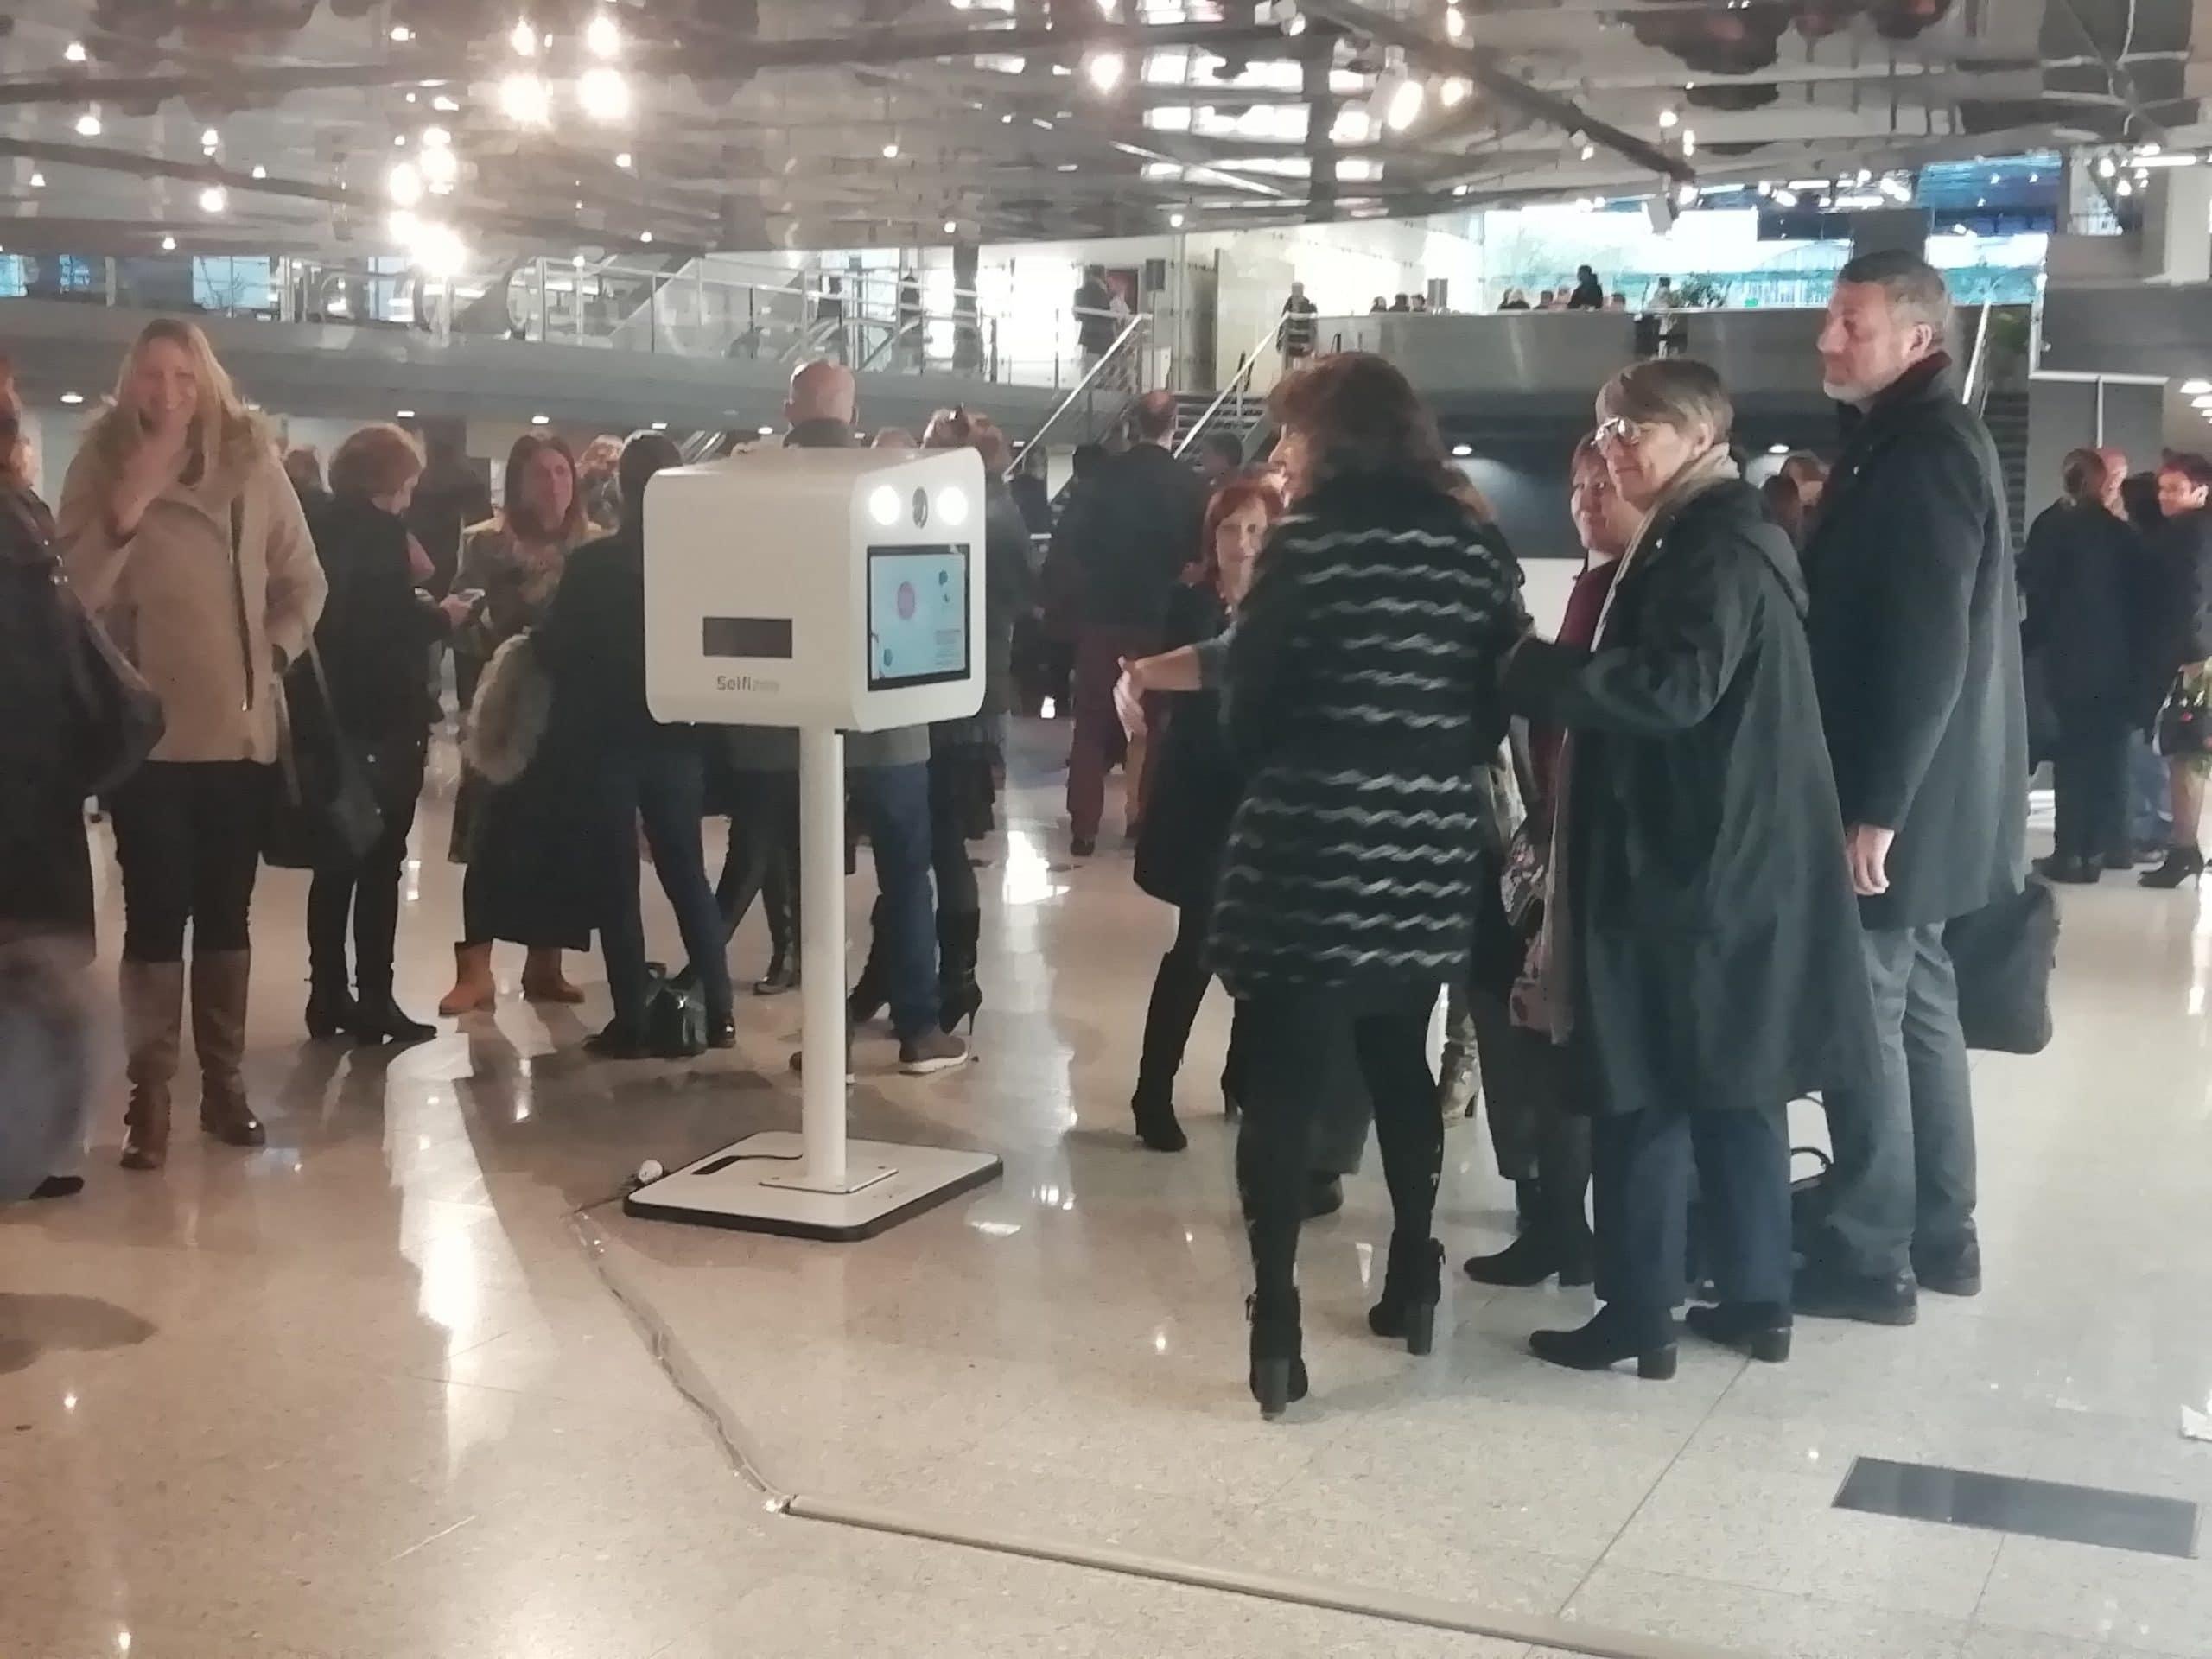 Borne photo à la convention régionale Pôle Emploi Centre Val de Loire à Tours en 2019 avec impressions selfies des participants